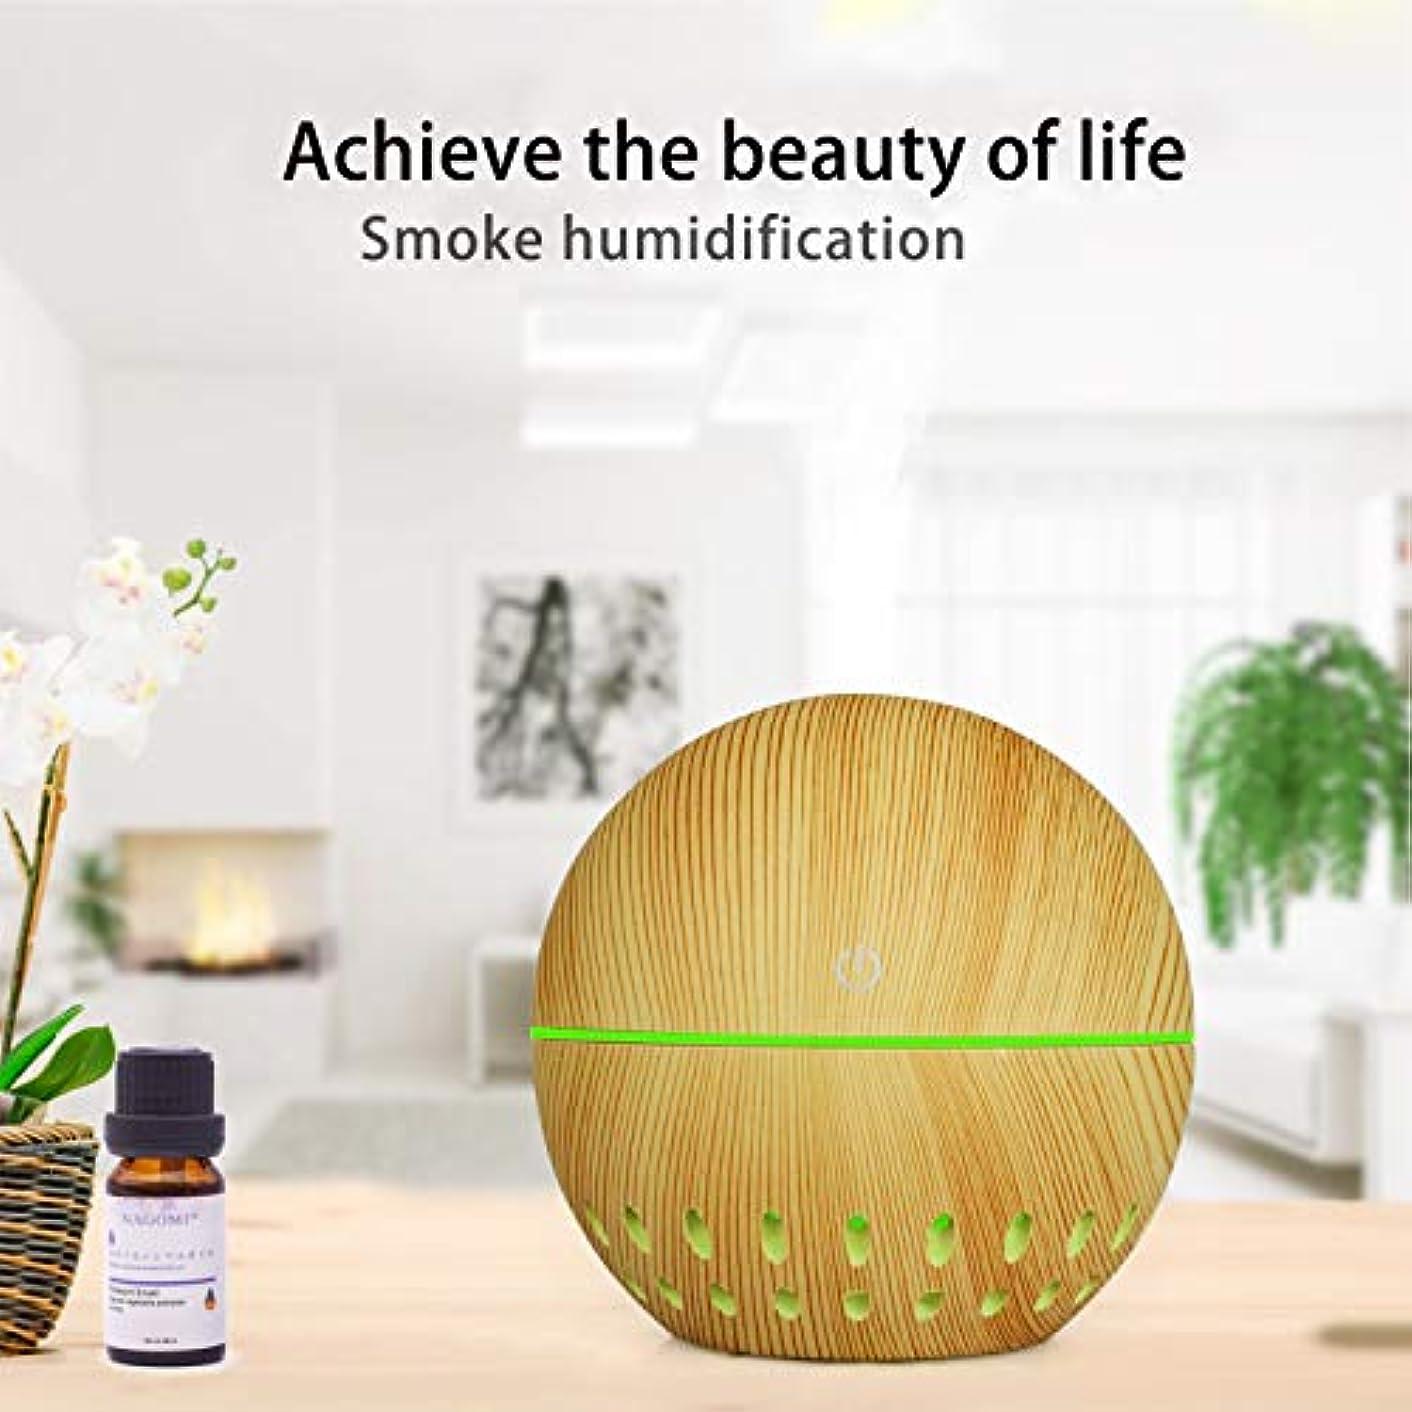 ガイドエチケットスリップシューズエッセンシャルオイルディフューザーは、家庭やオフィスのためにミスト加湿器をクール130mlの (Color : Light wood grain, Size : 10×10.5)